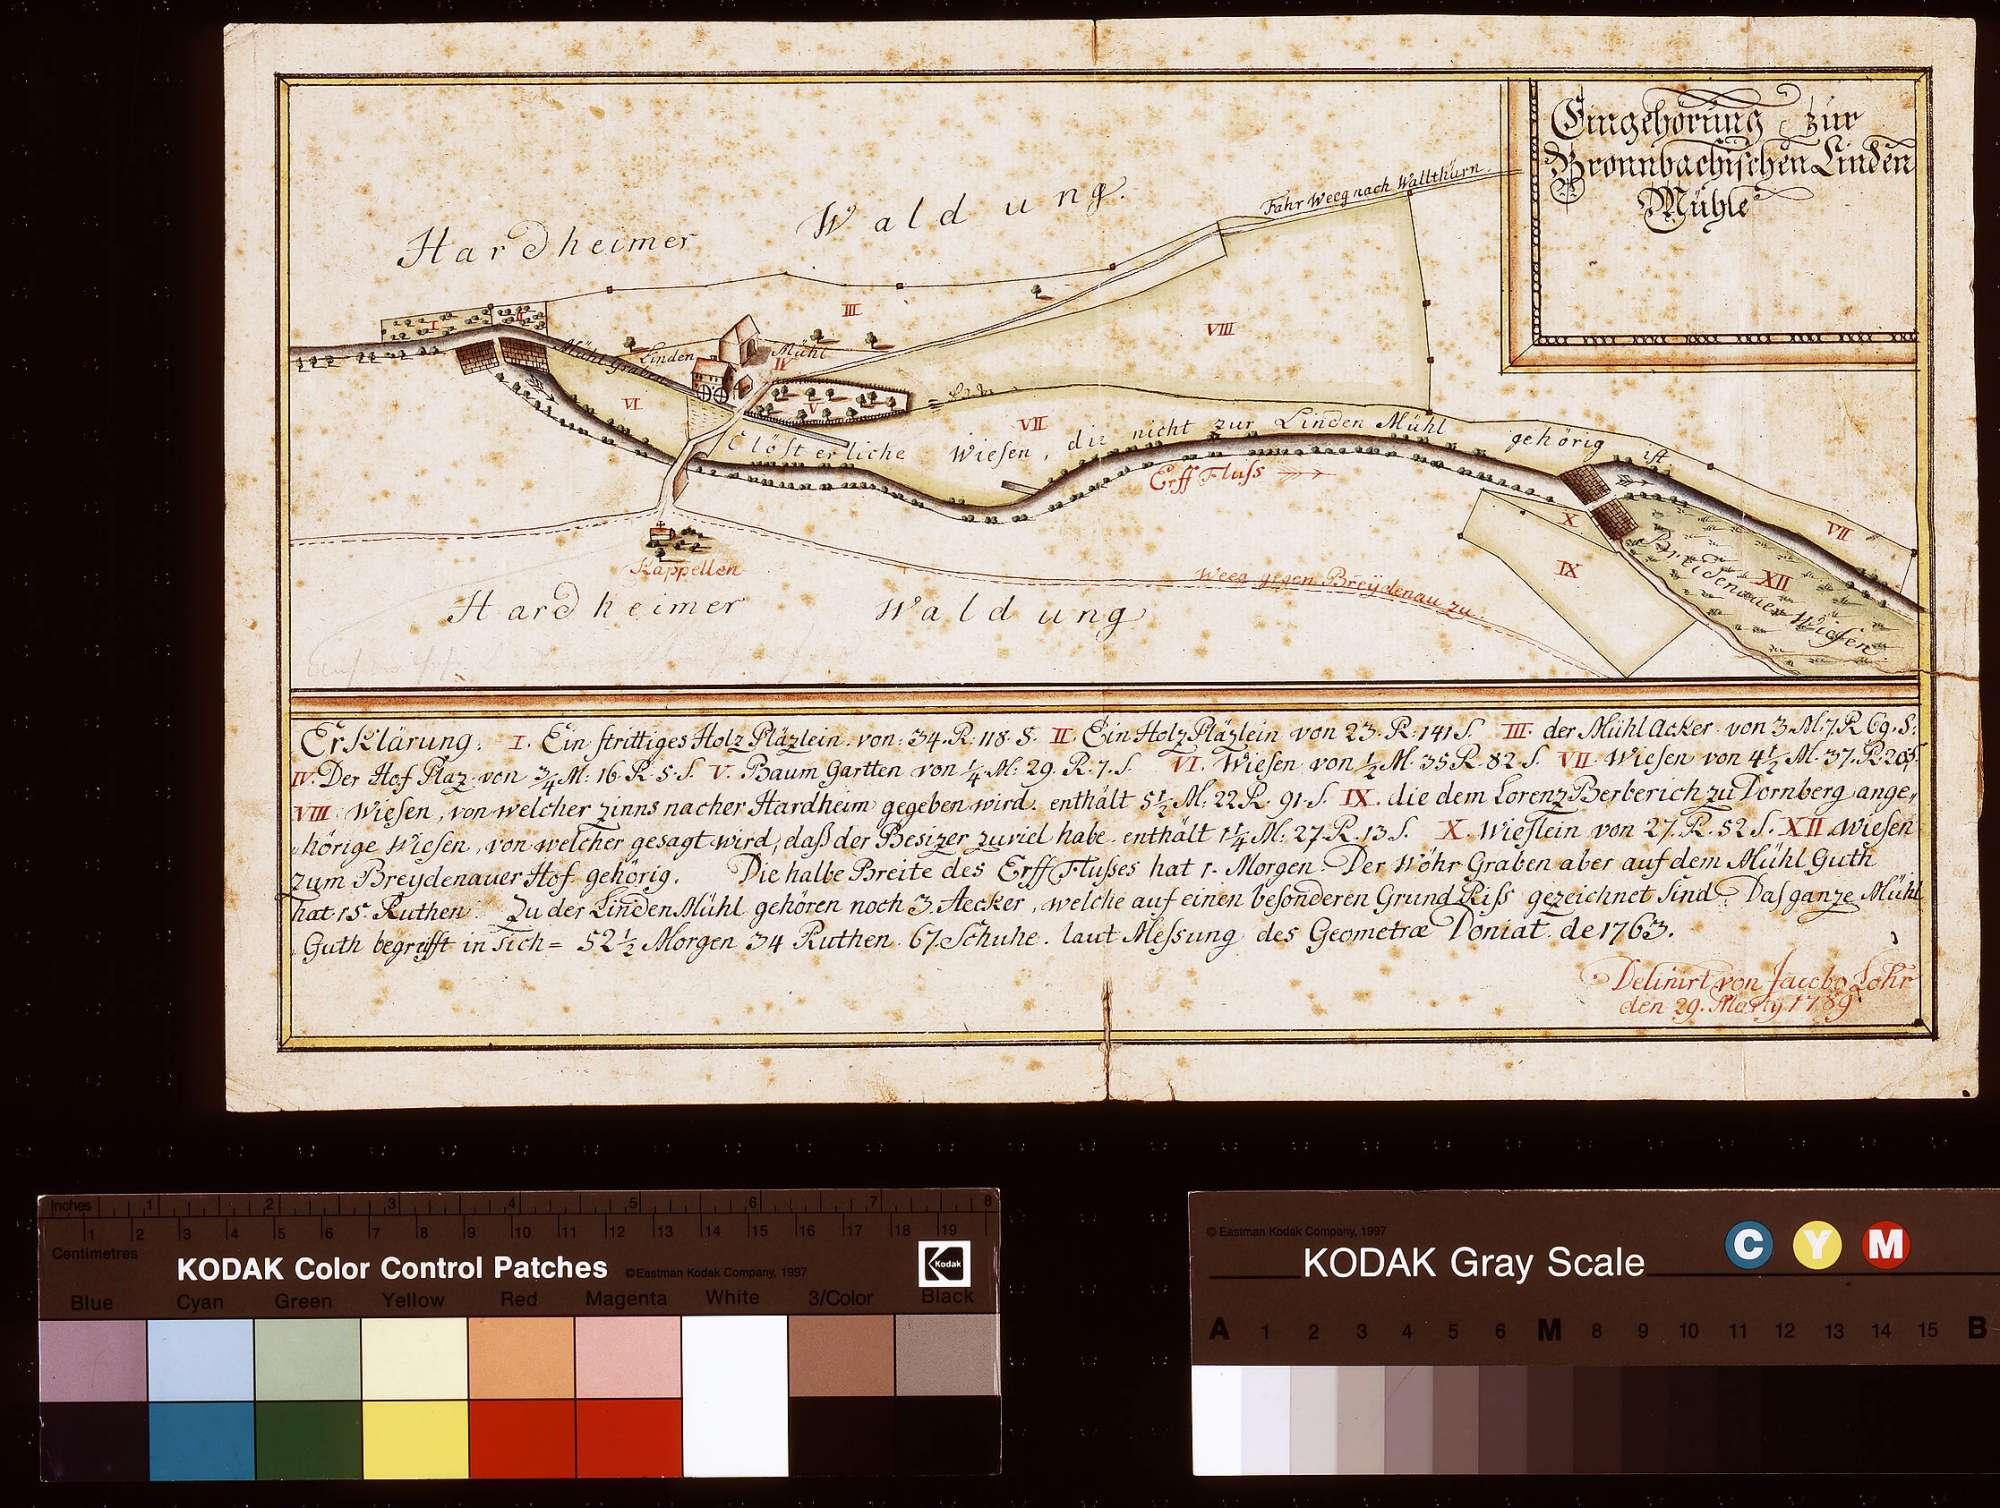 Zubehör zur bronnbachischen Lindenmühle (Inselkarte), Bild 1